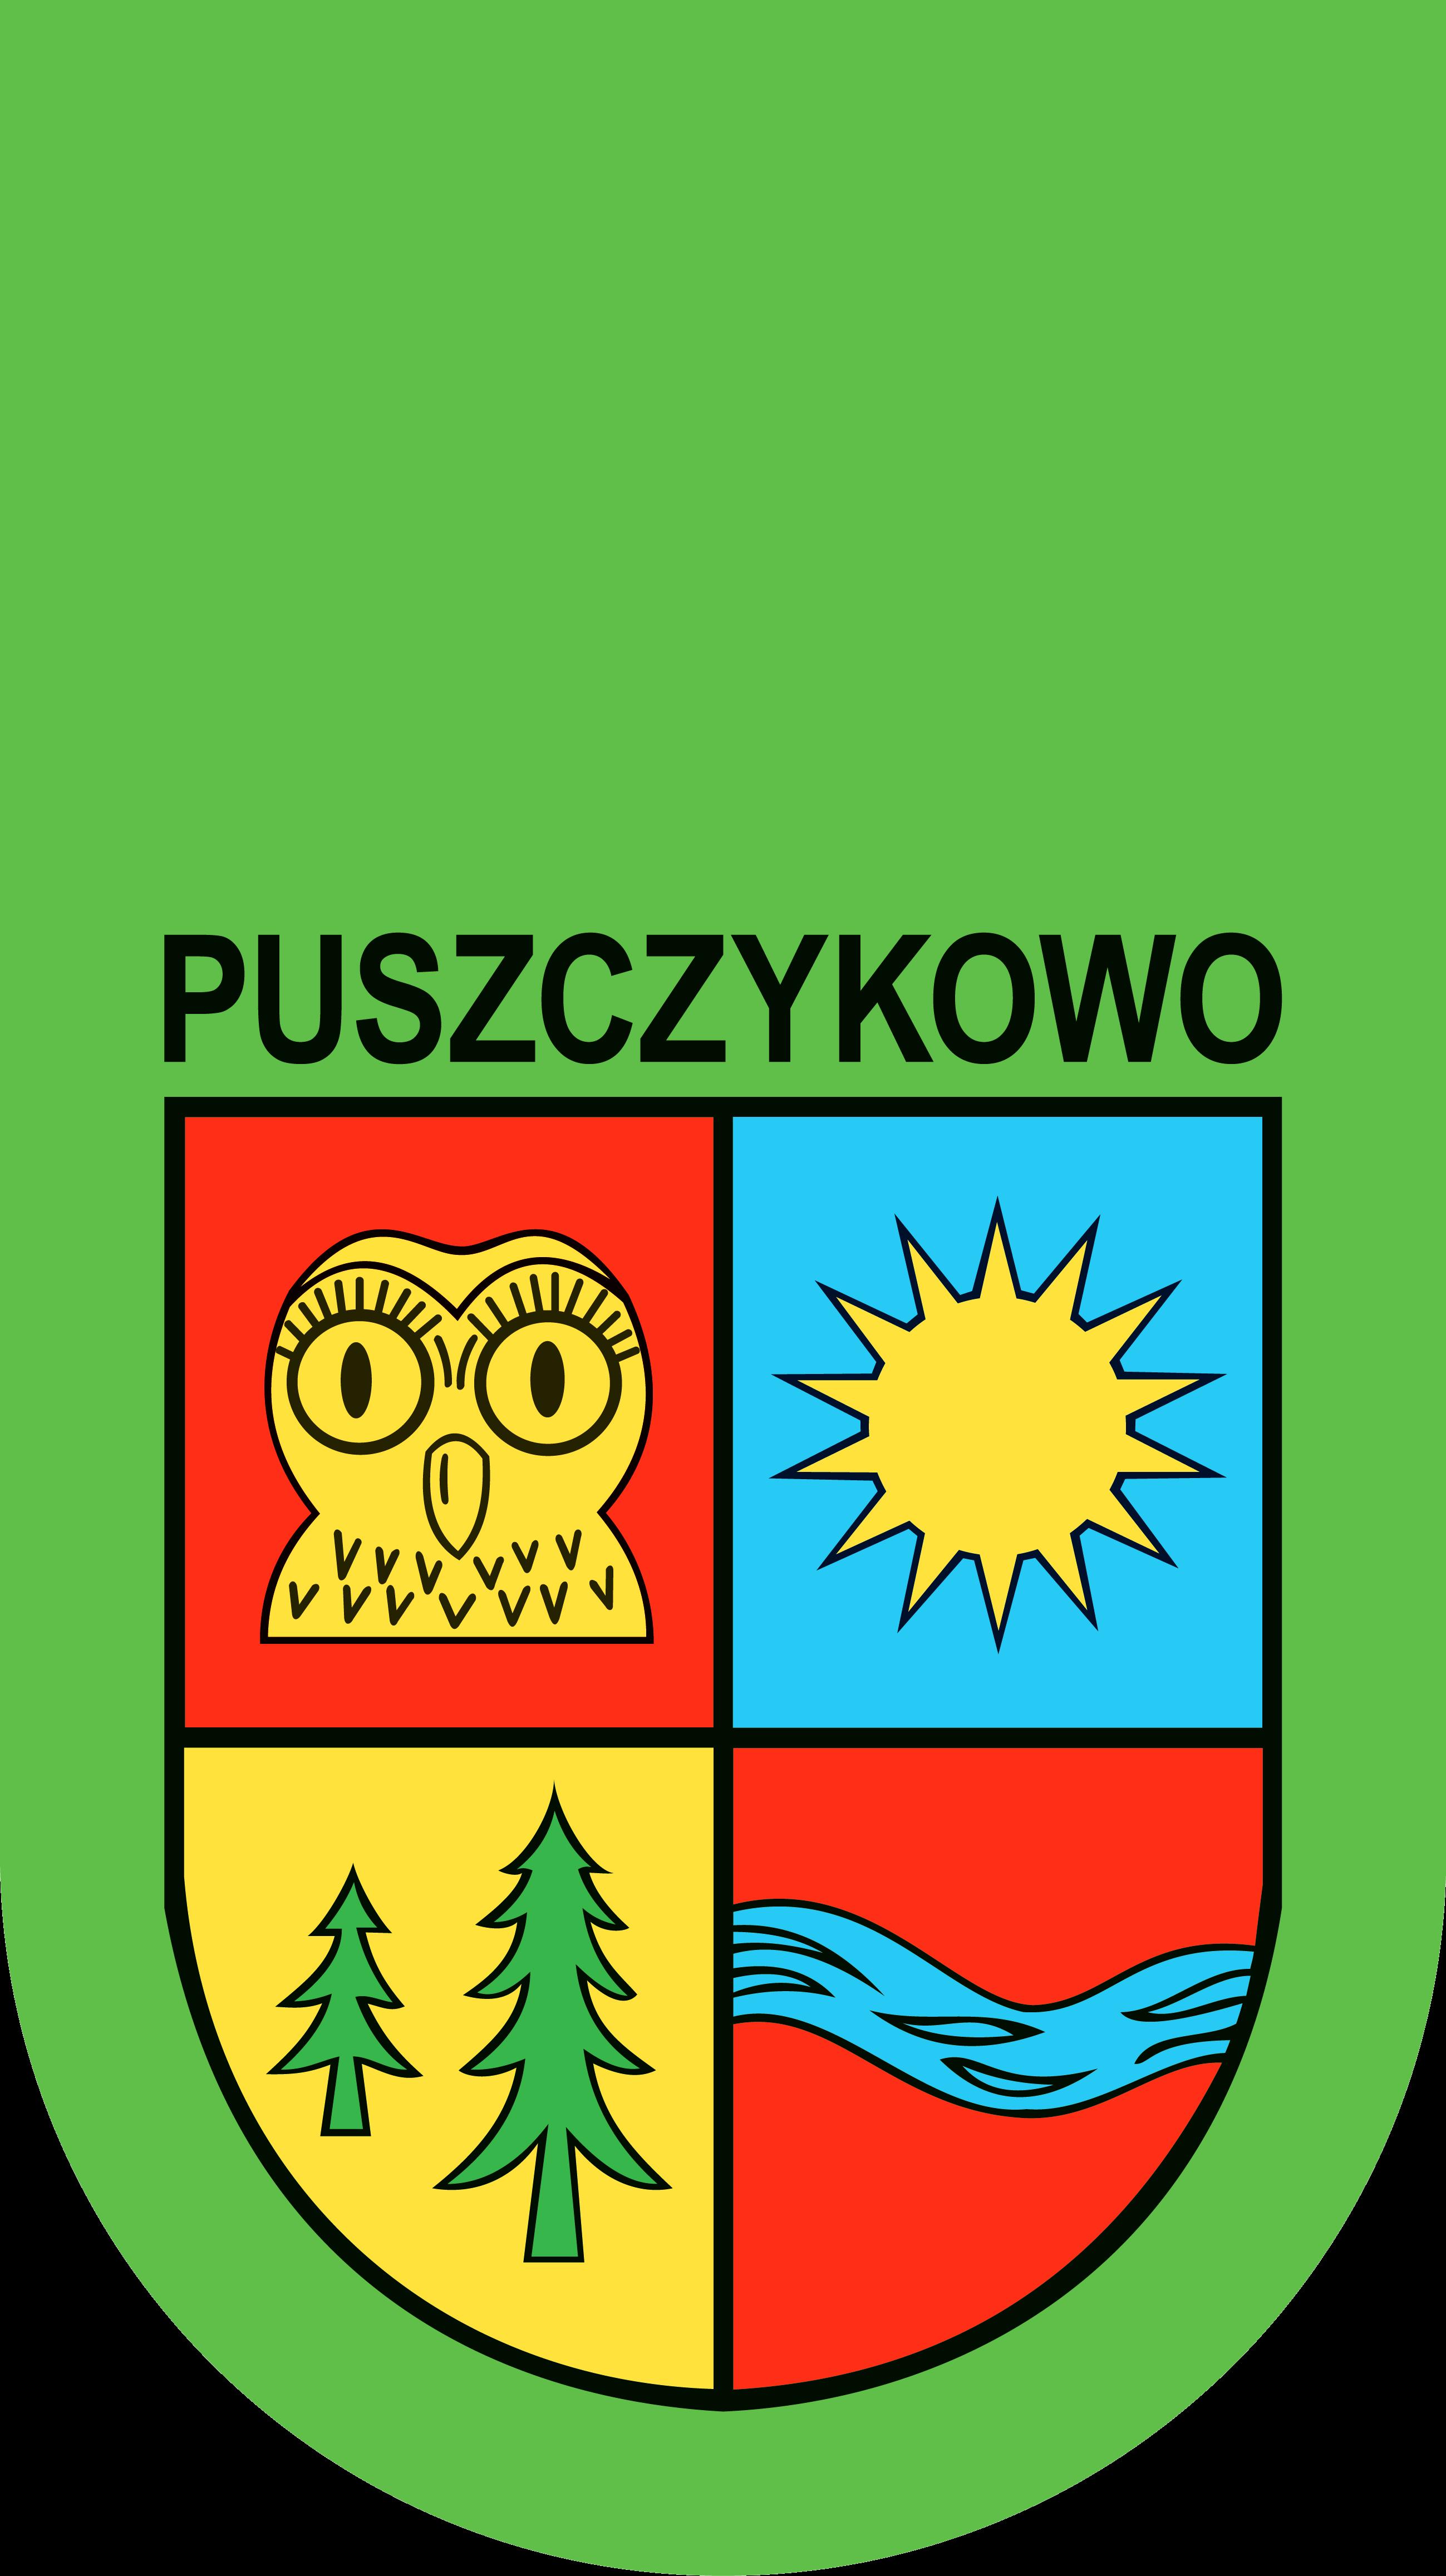 Konsultacje społeczne - Miasto Puszczykowo